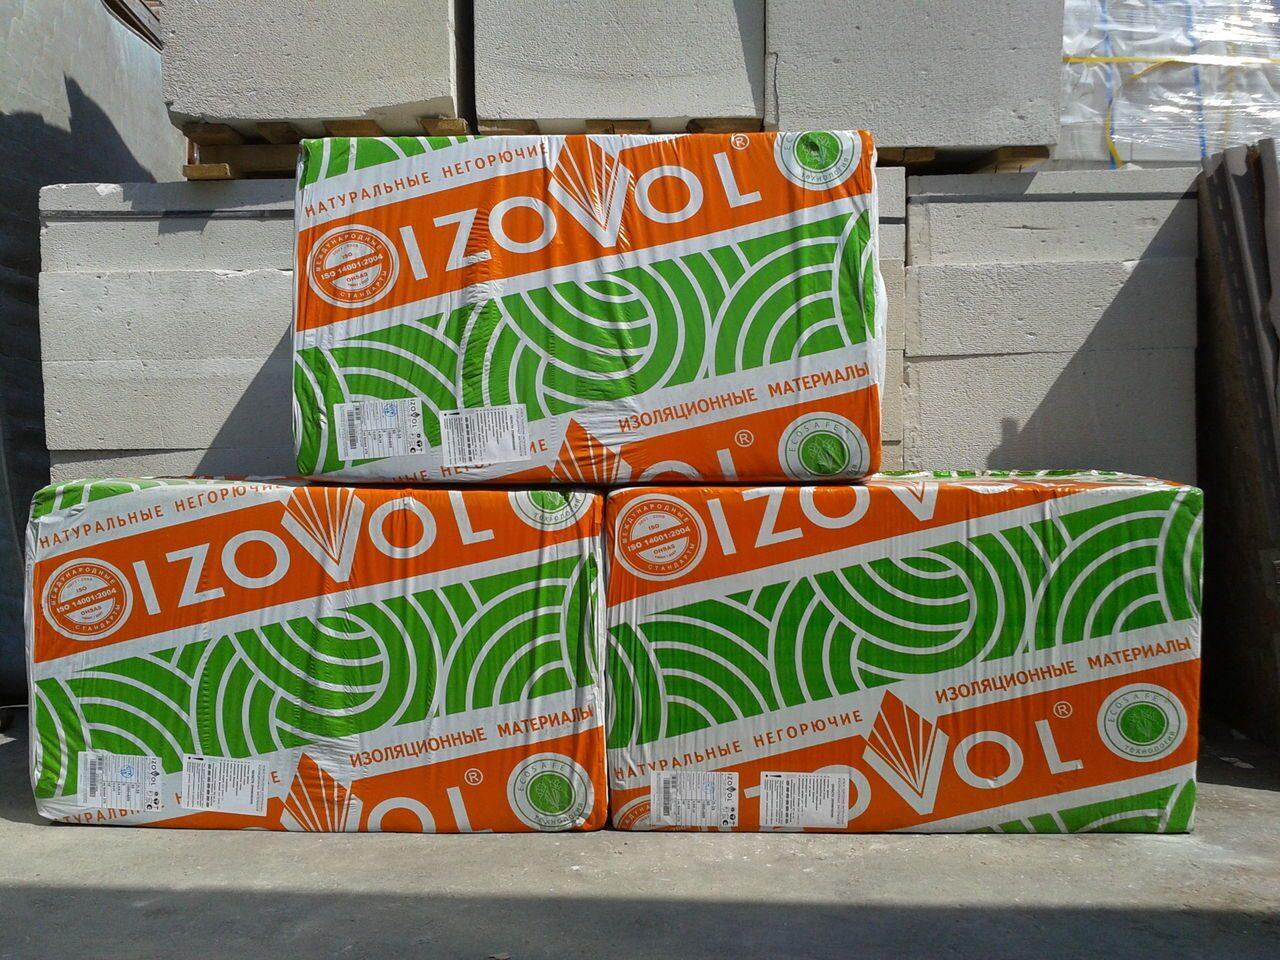 Оптовая продажа строительных материалов.Комплектация ... Керамзитобетонные Блоки